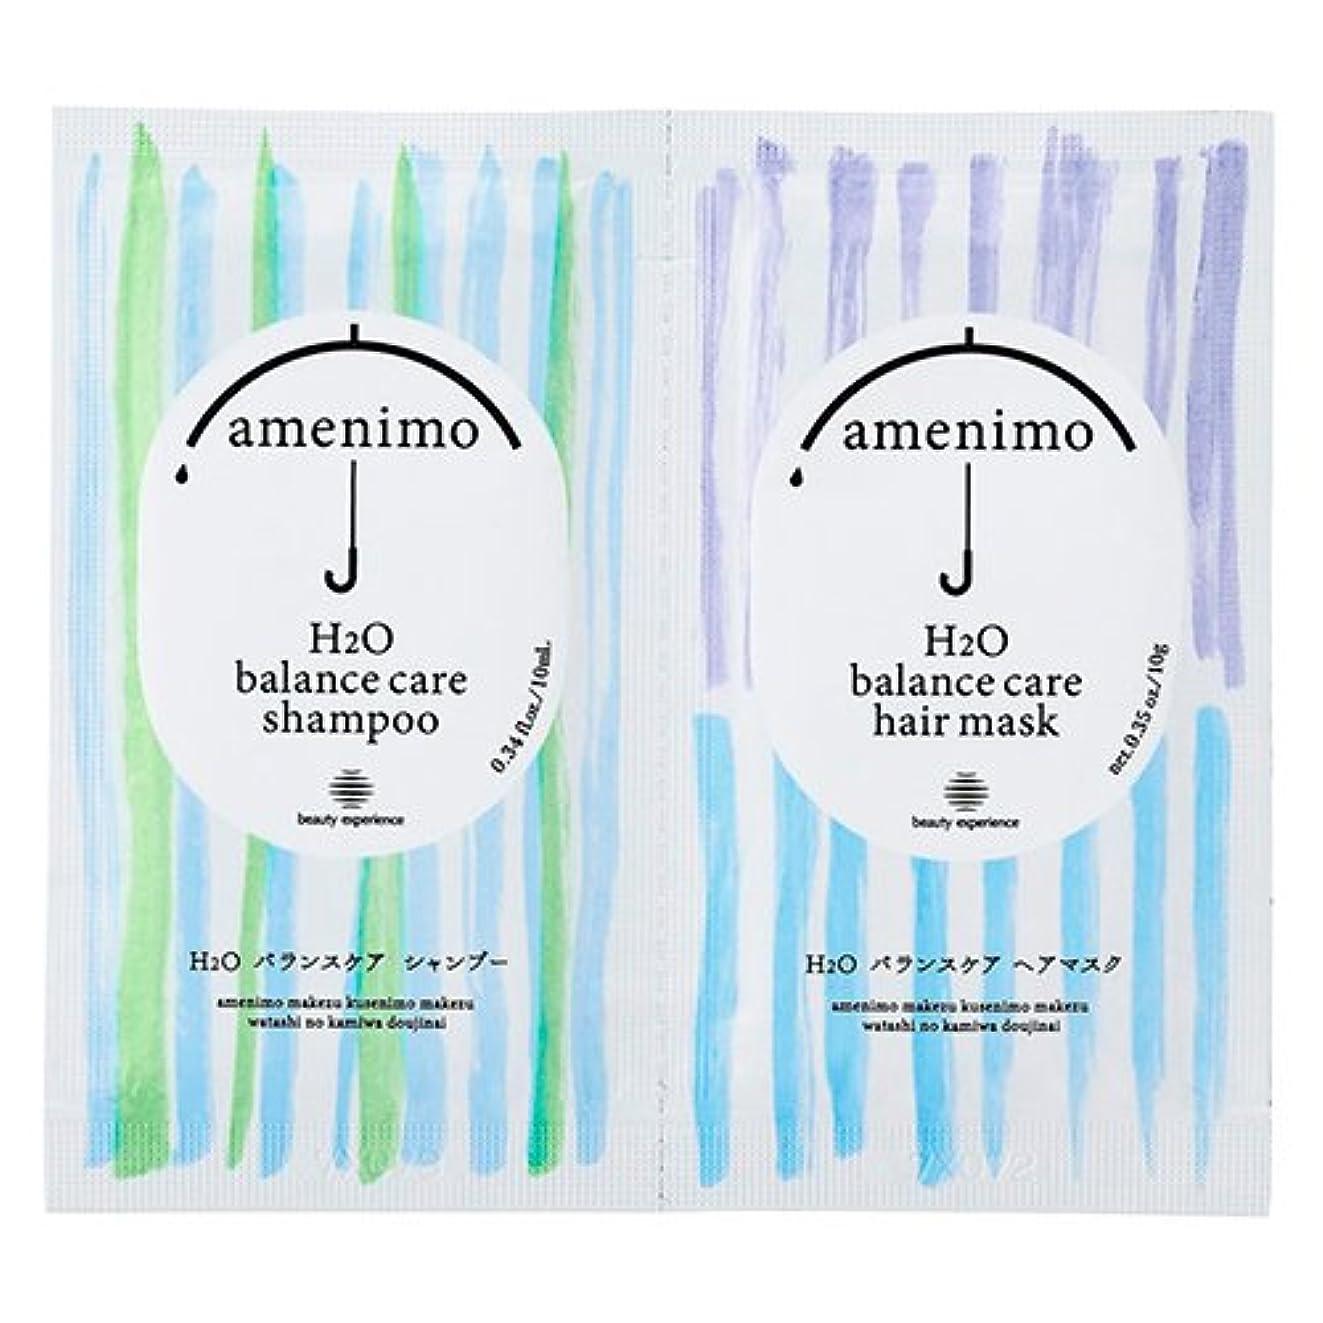 連鎖上院議員これまでamenimo(アメニモ) H2O バランスケア シャンプー&ヘアマスク 1dayお試し 10mL+10g